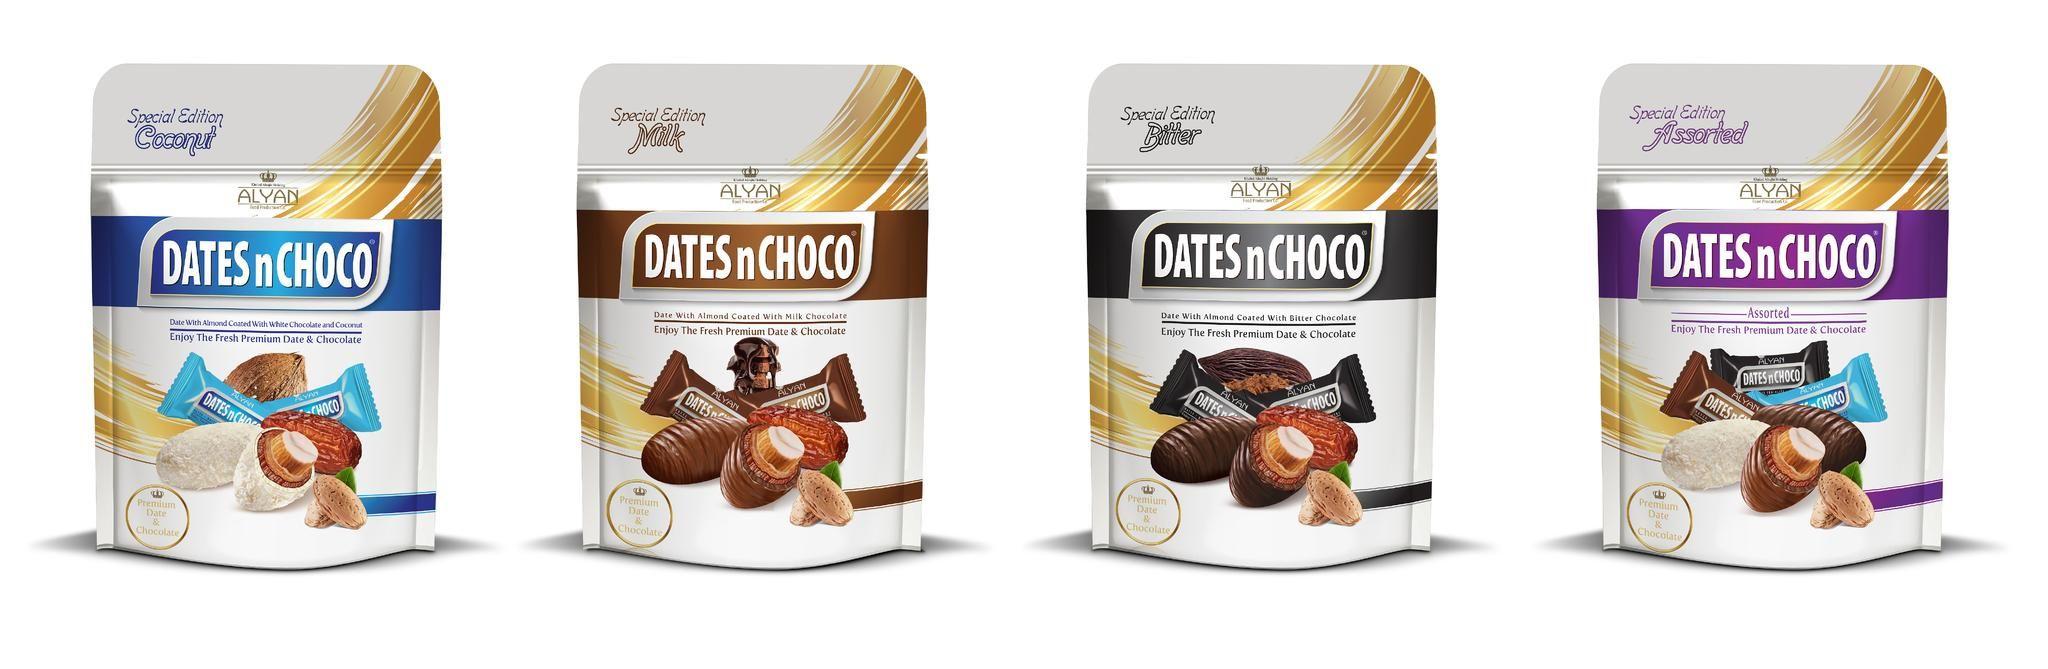 Dates N Choco